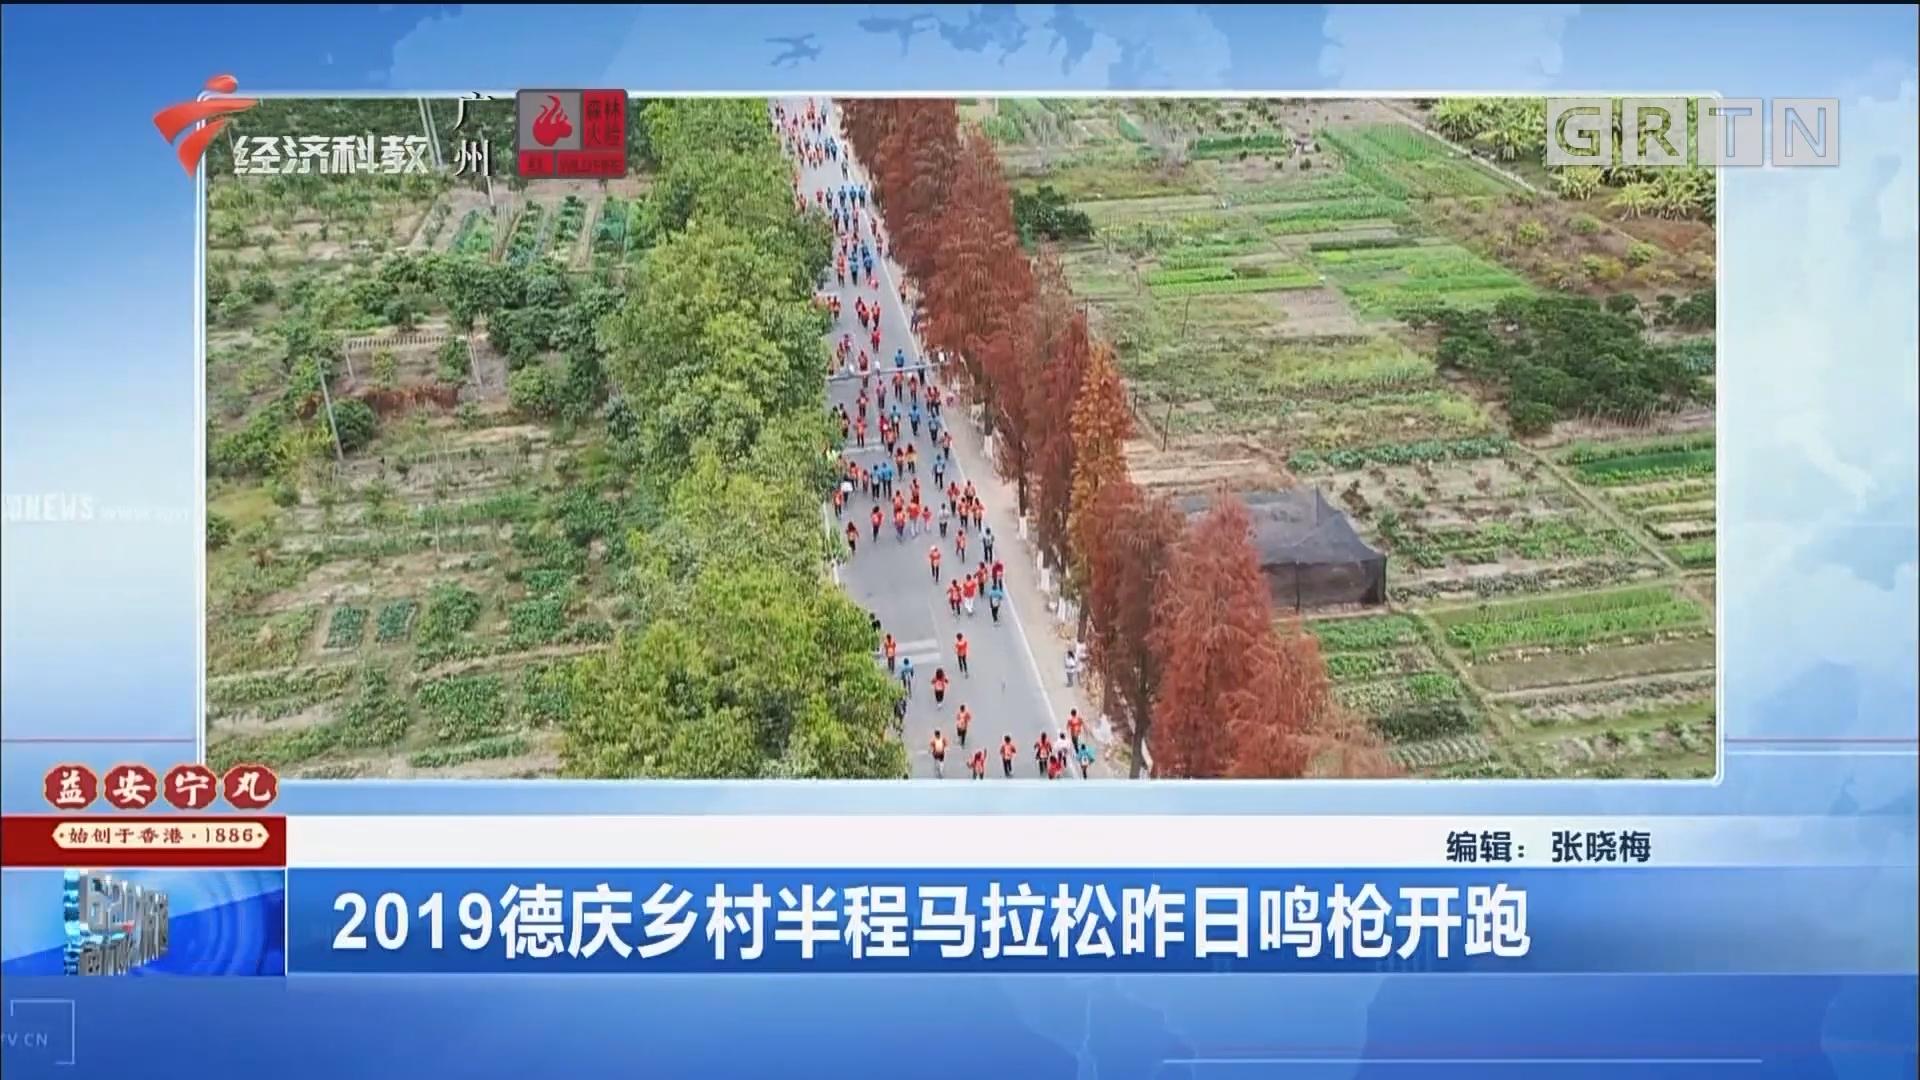 2019德慶鄉村半程馬拉松昨日鳴槍開跑